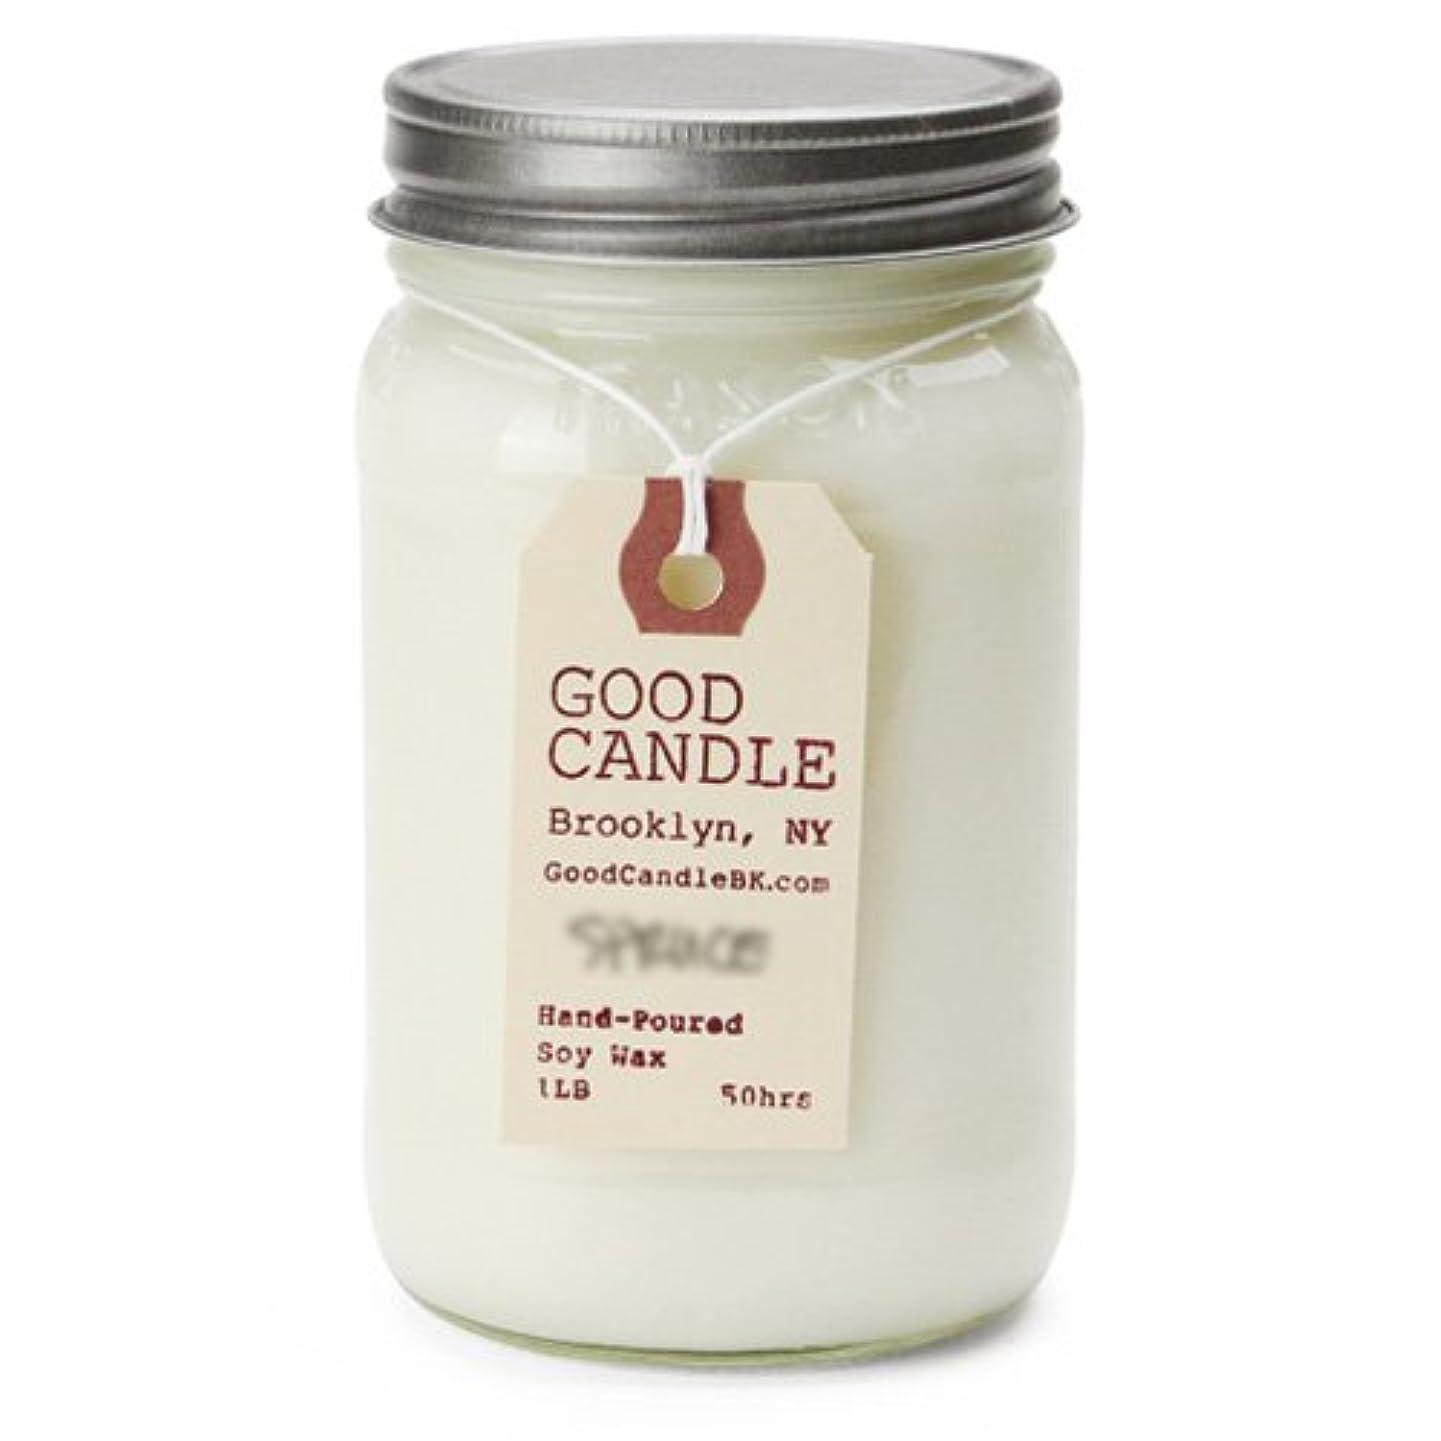 金銭的な不定ハプニンググッドキャンドル 1ポンド メイソンジャー キャンドル Good Candle 1LB Mason jar candle [ Fig ] 正規品